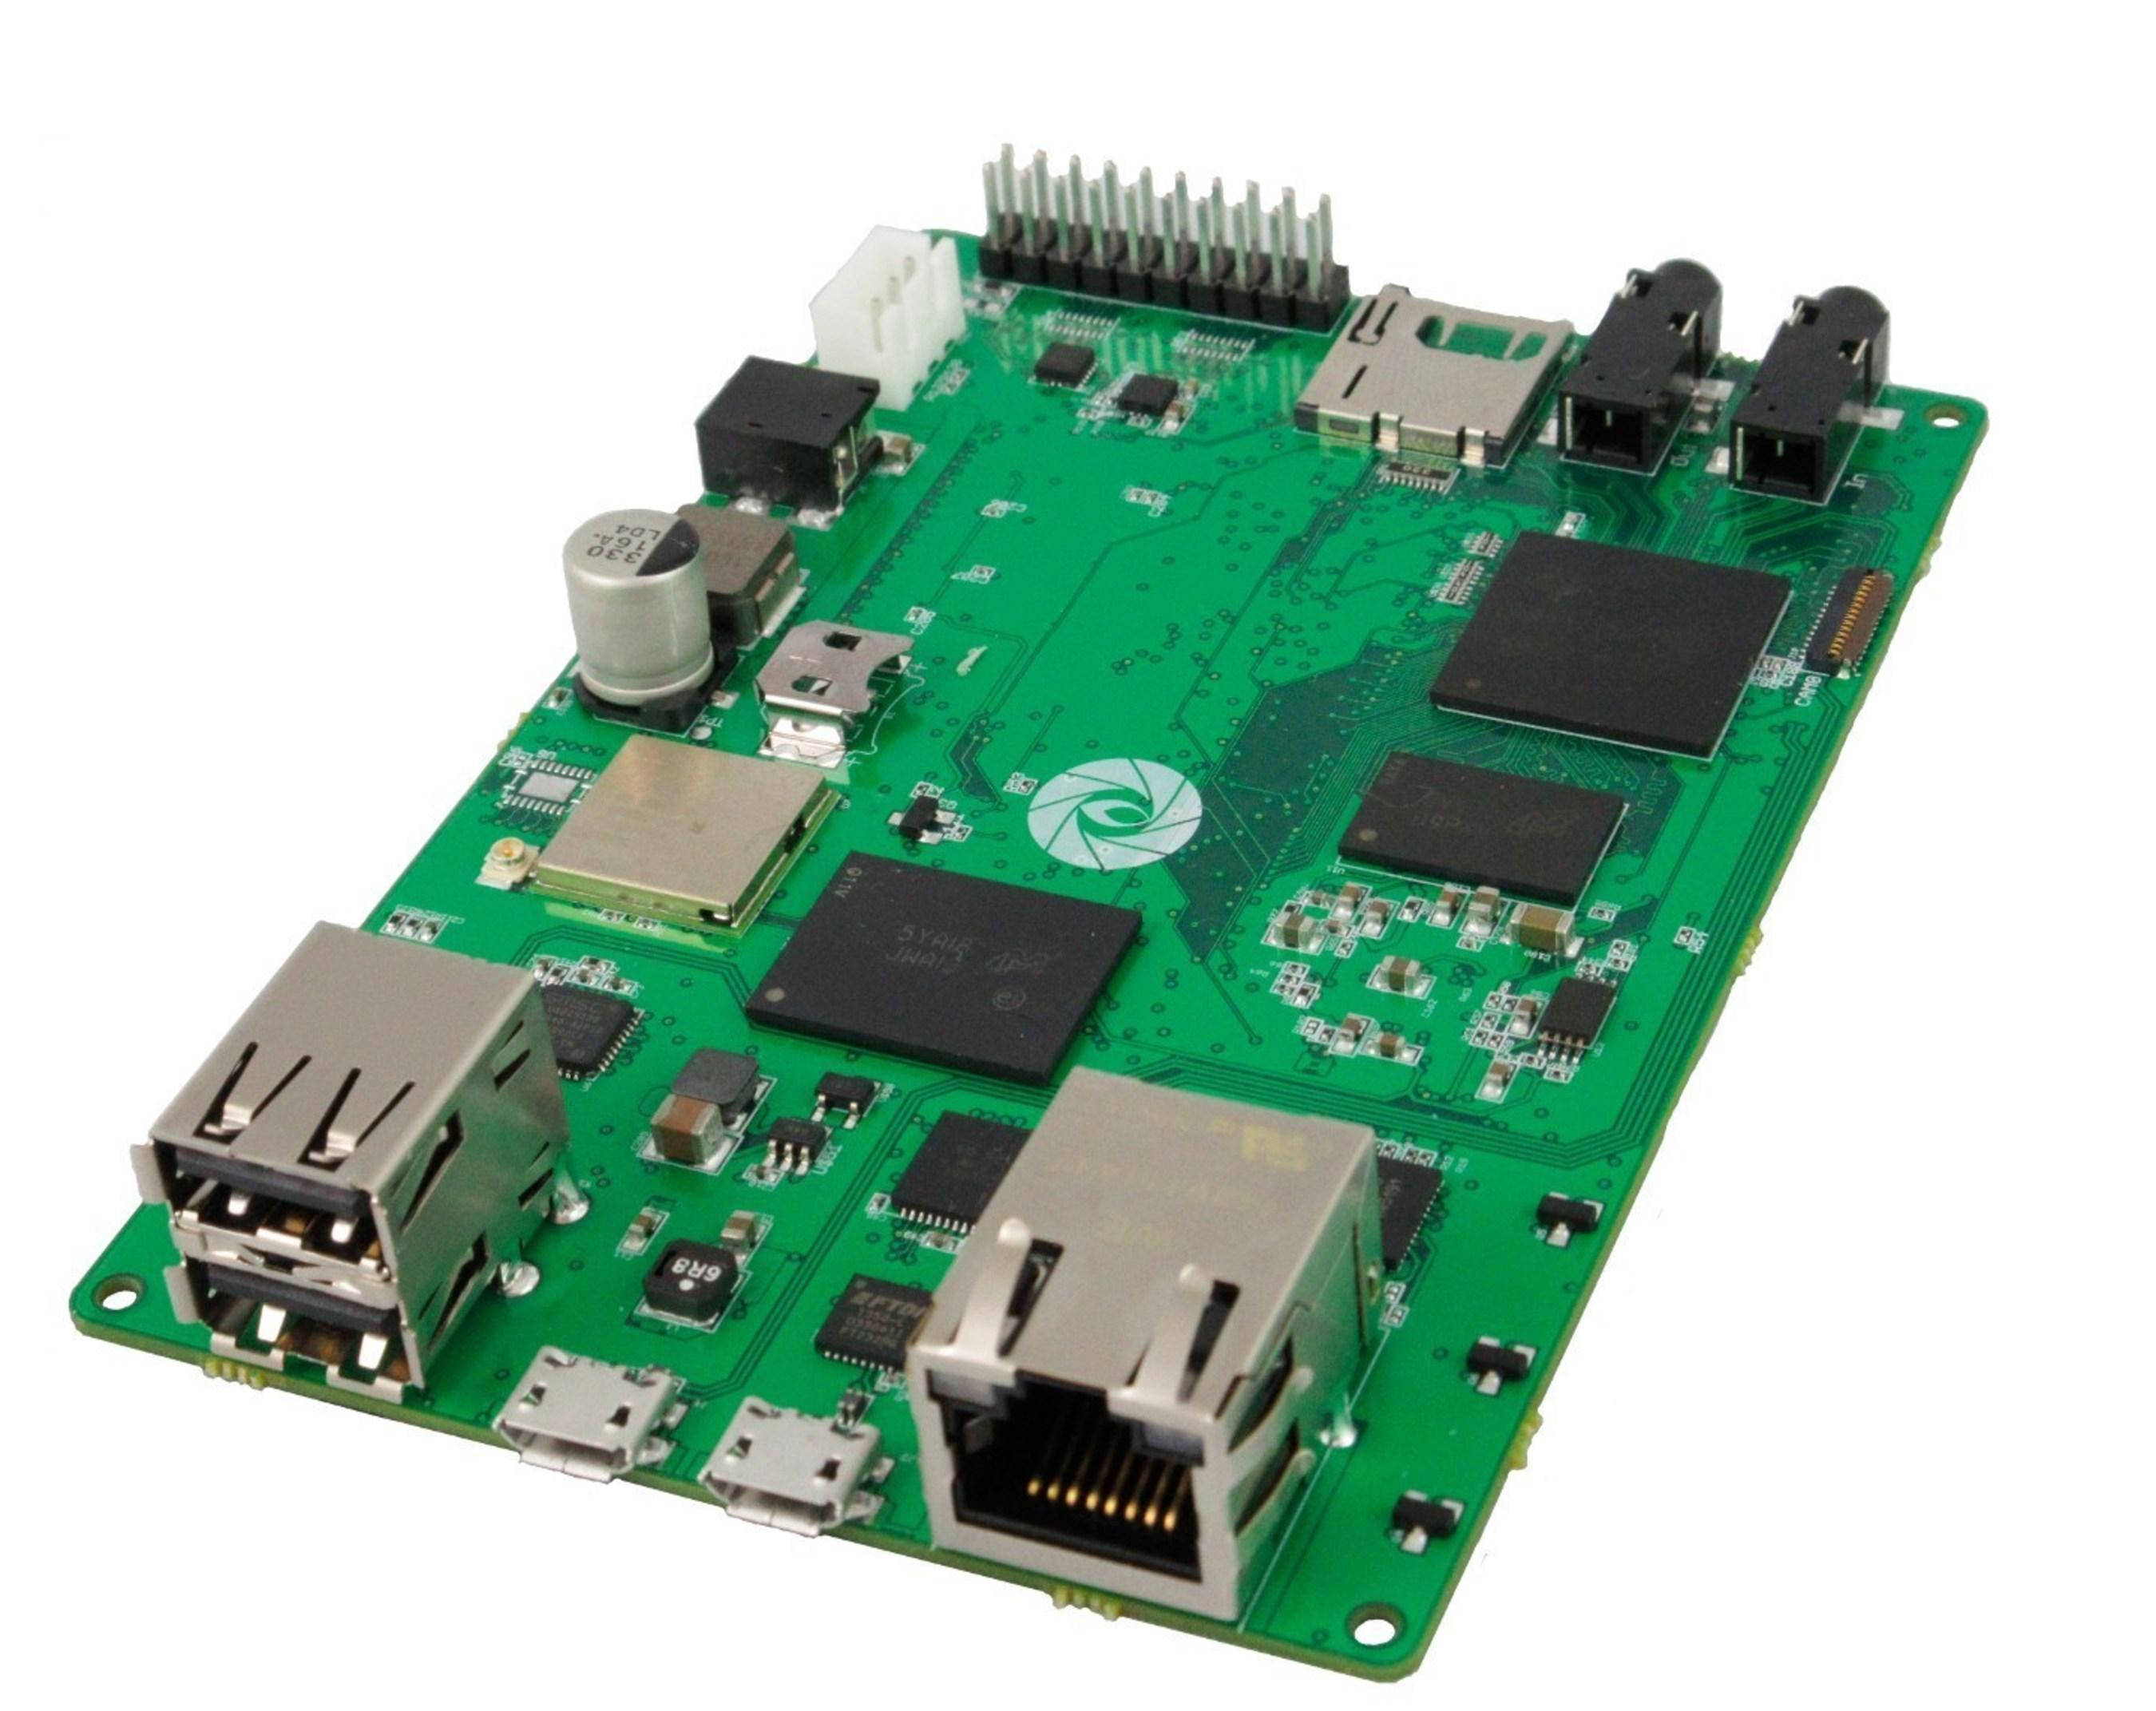 Poblano 43C single board computer designed in Geppetto D2O